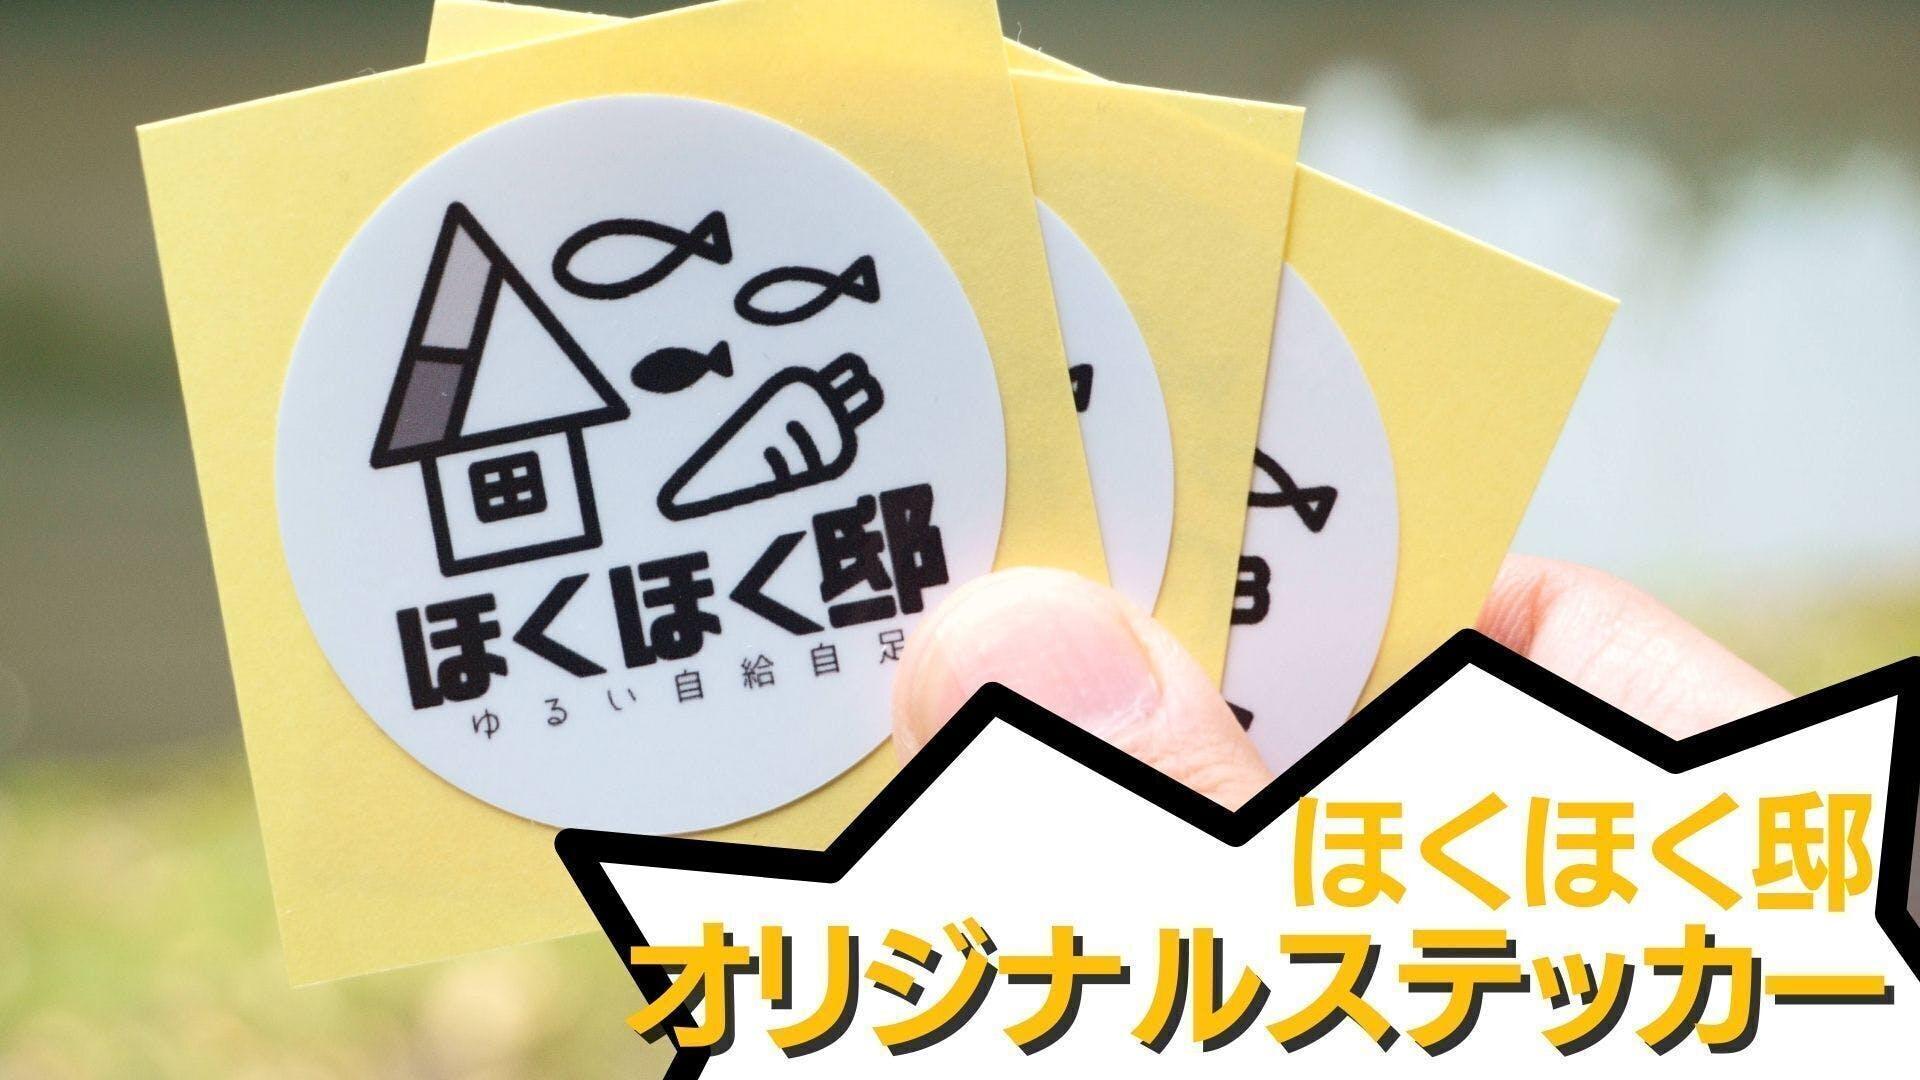 ペイ ほくほく 「ほくほくPay」とは北海道銀行が運営する、新しいスマホ決済サービスです。シンプルでスピーディーなお取引を提供します。